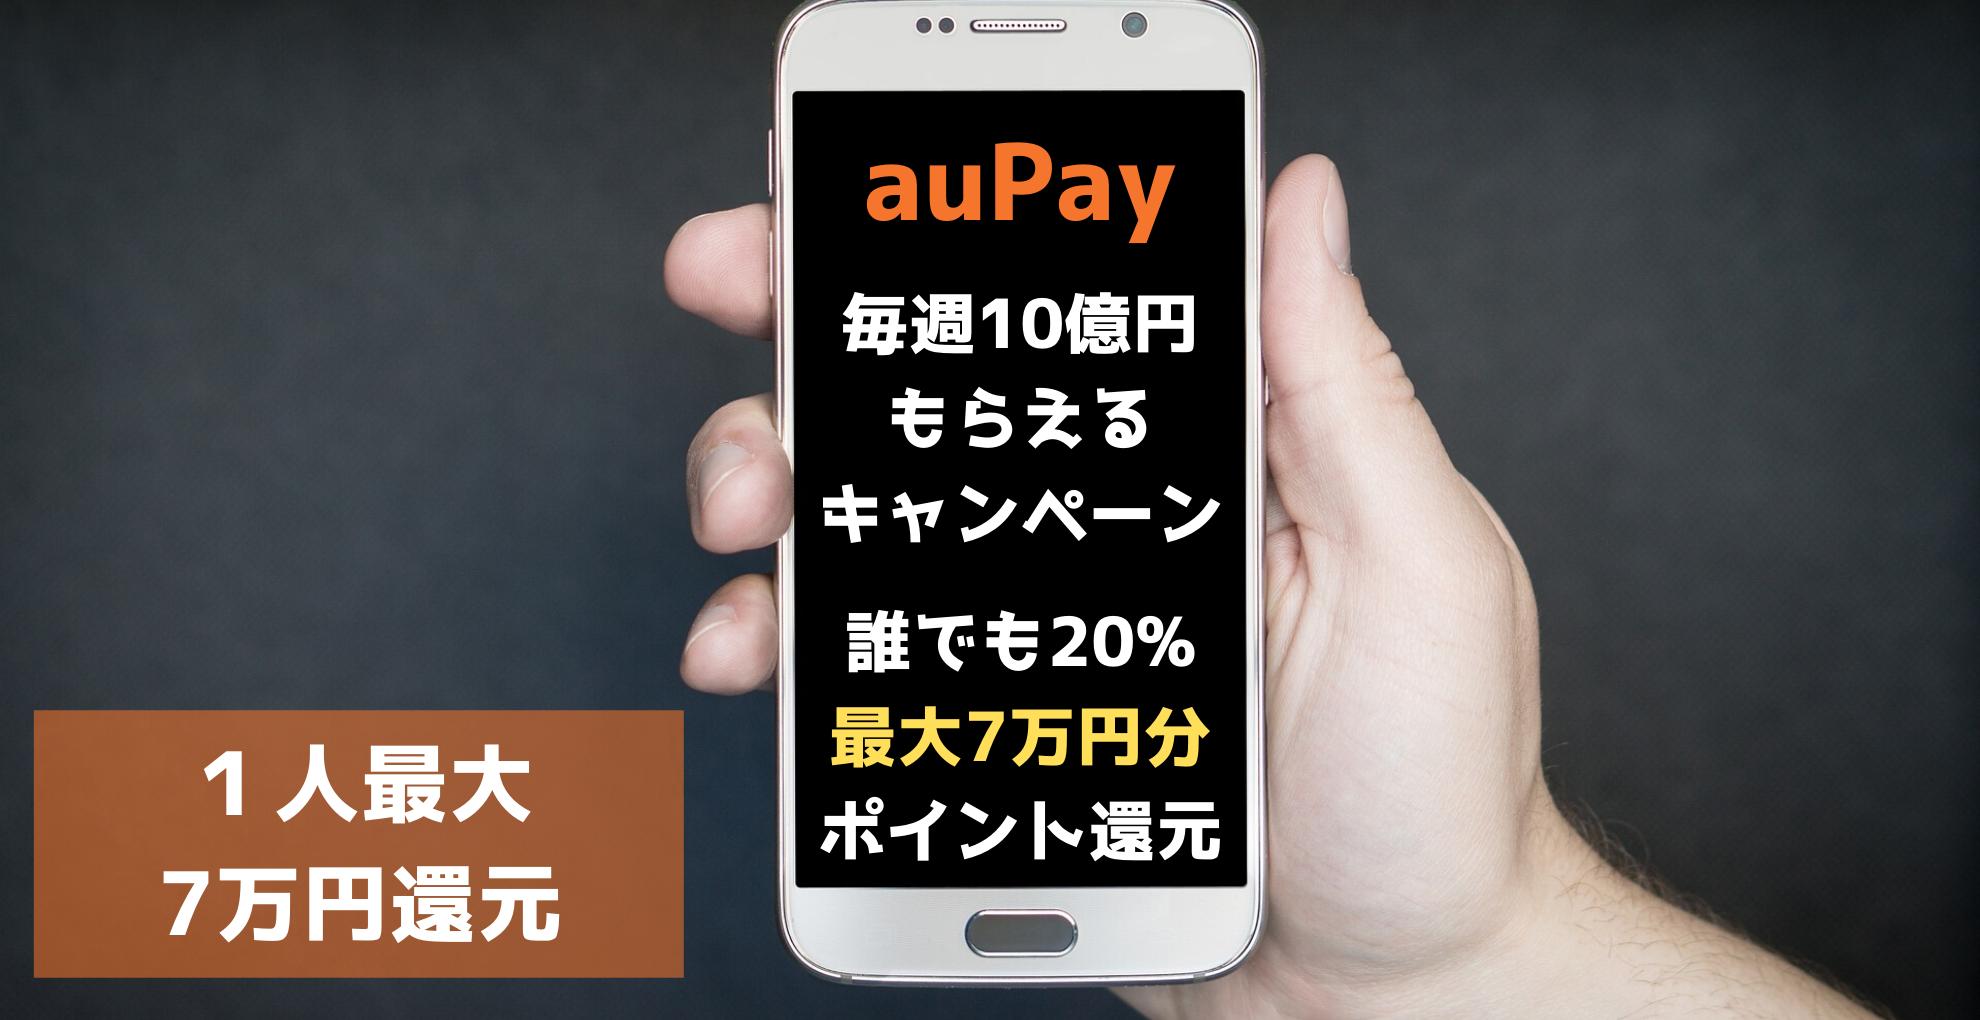 【auPay】毎週10億円もらえるキャンペーン 誰でも20%ポイント還元受けられる